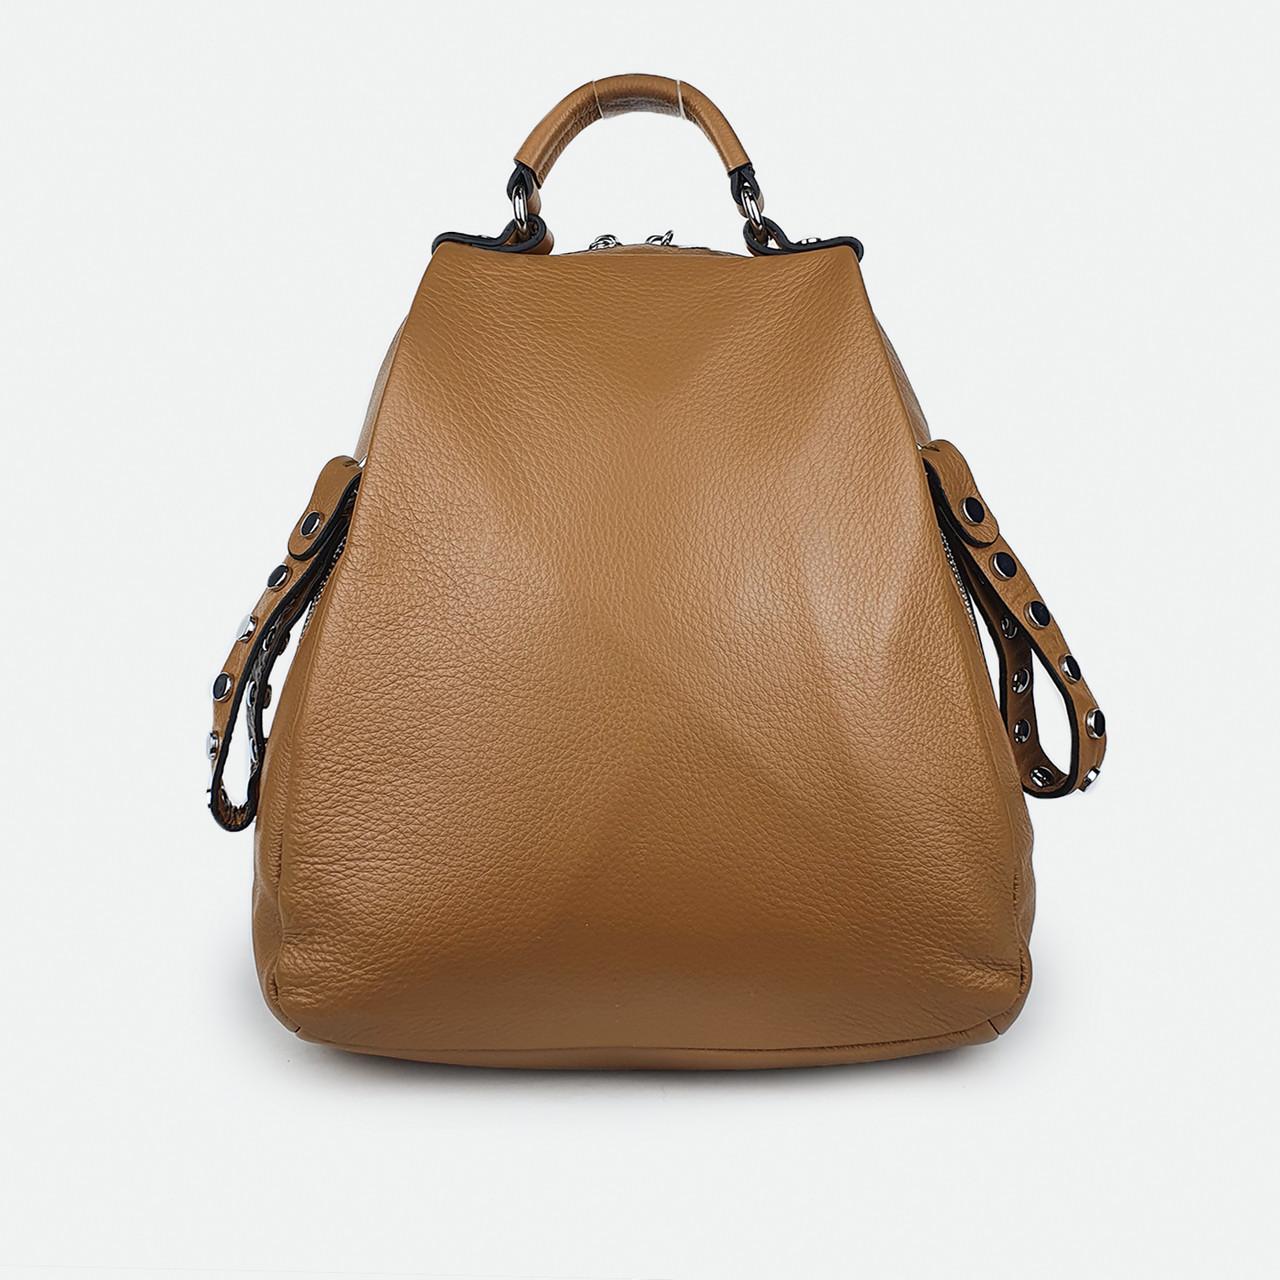 Рюкзак жіночий з натуральної шкіри світло-коричневий H811